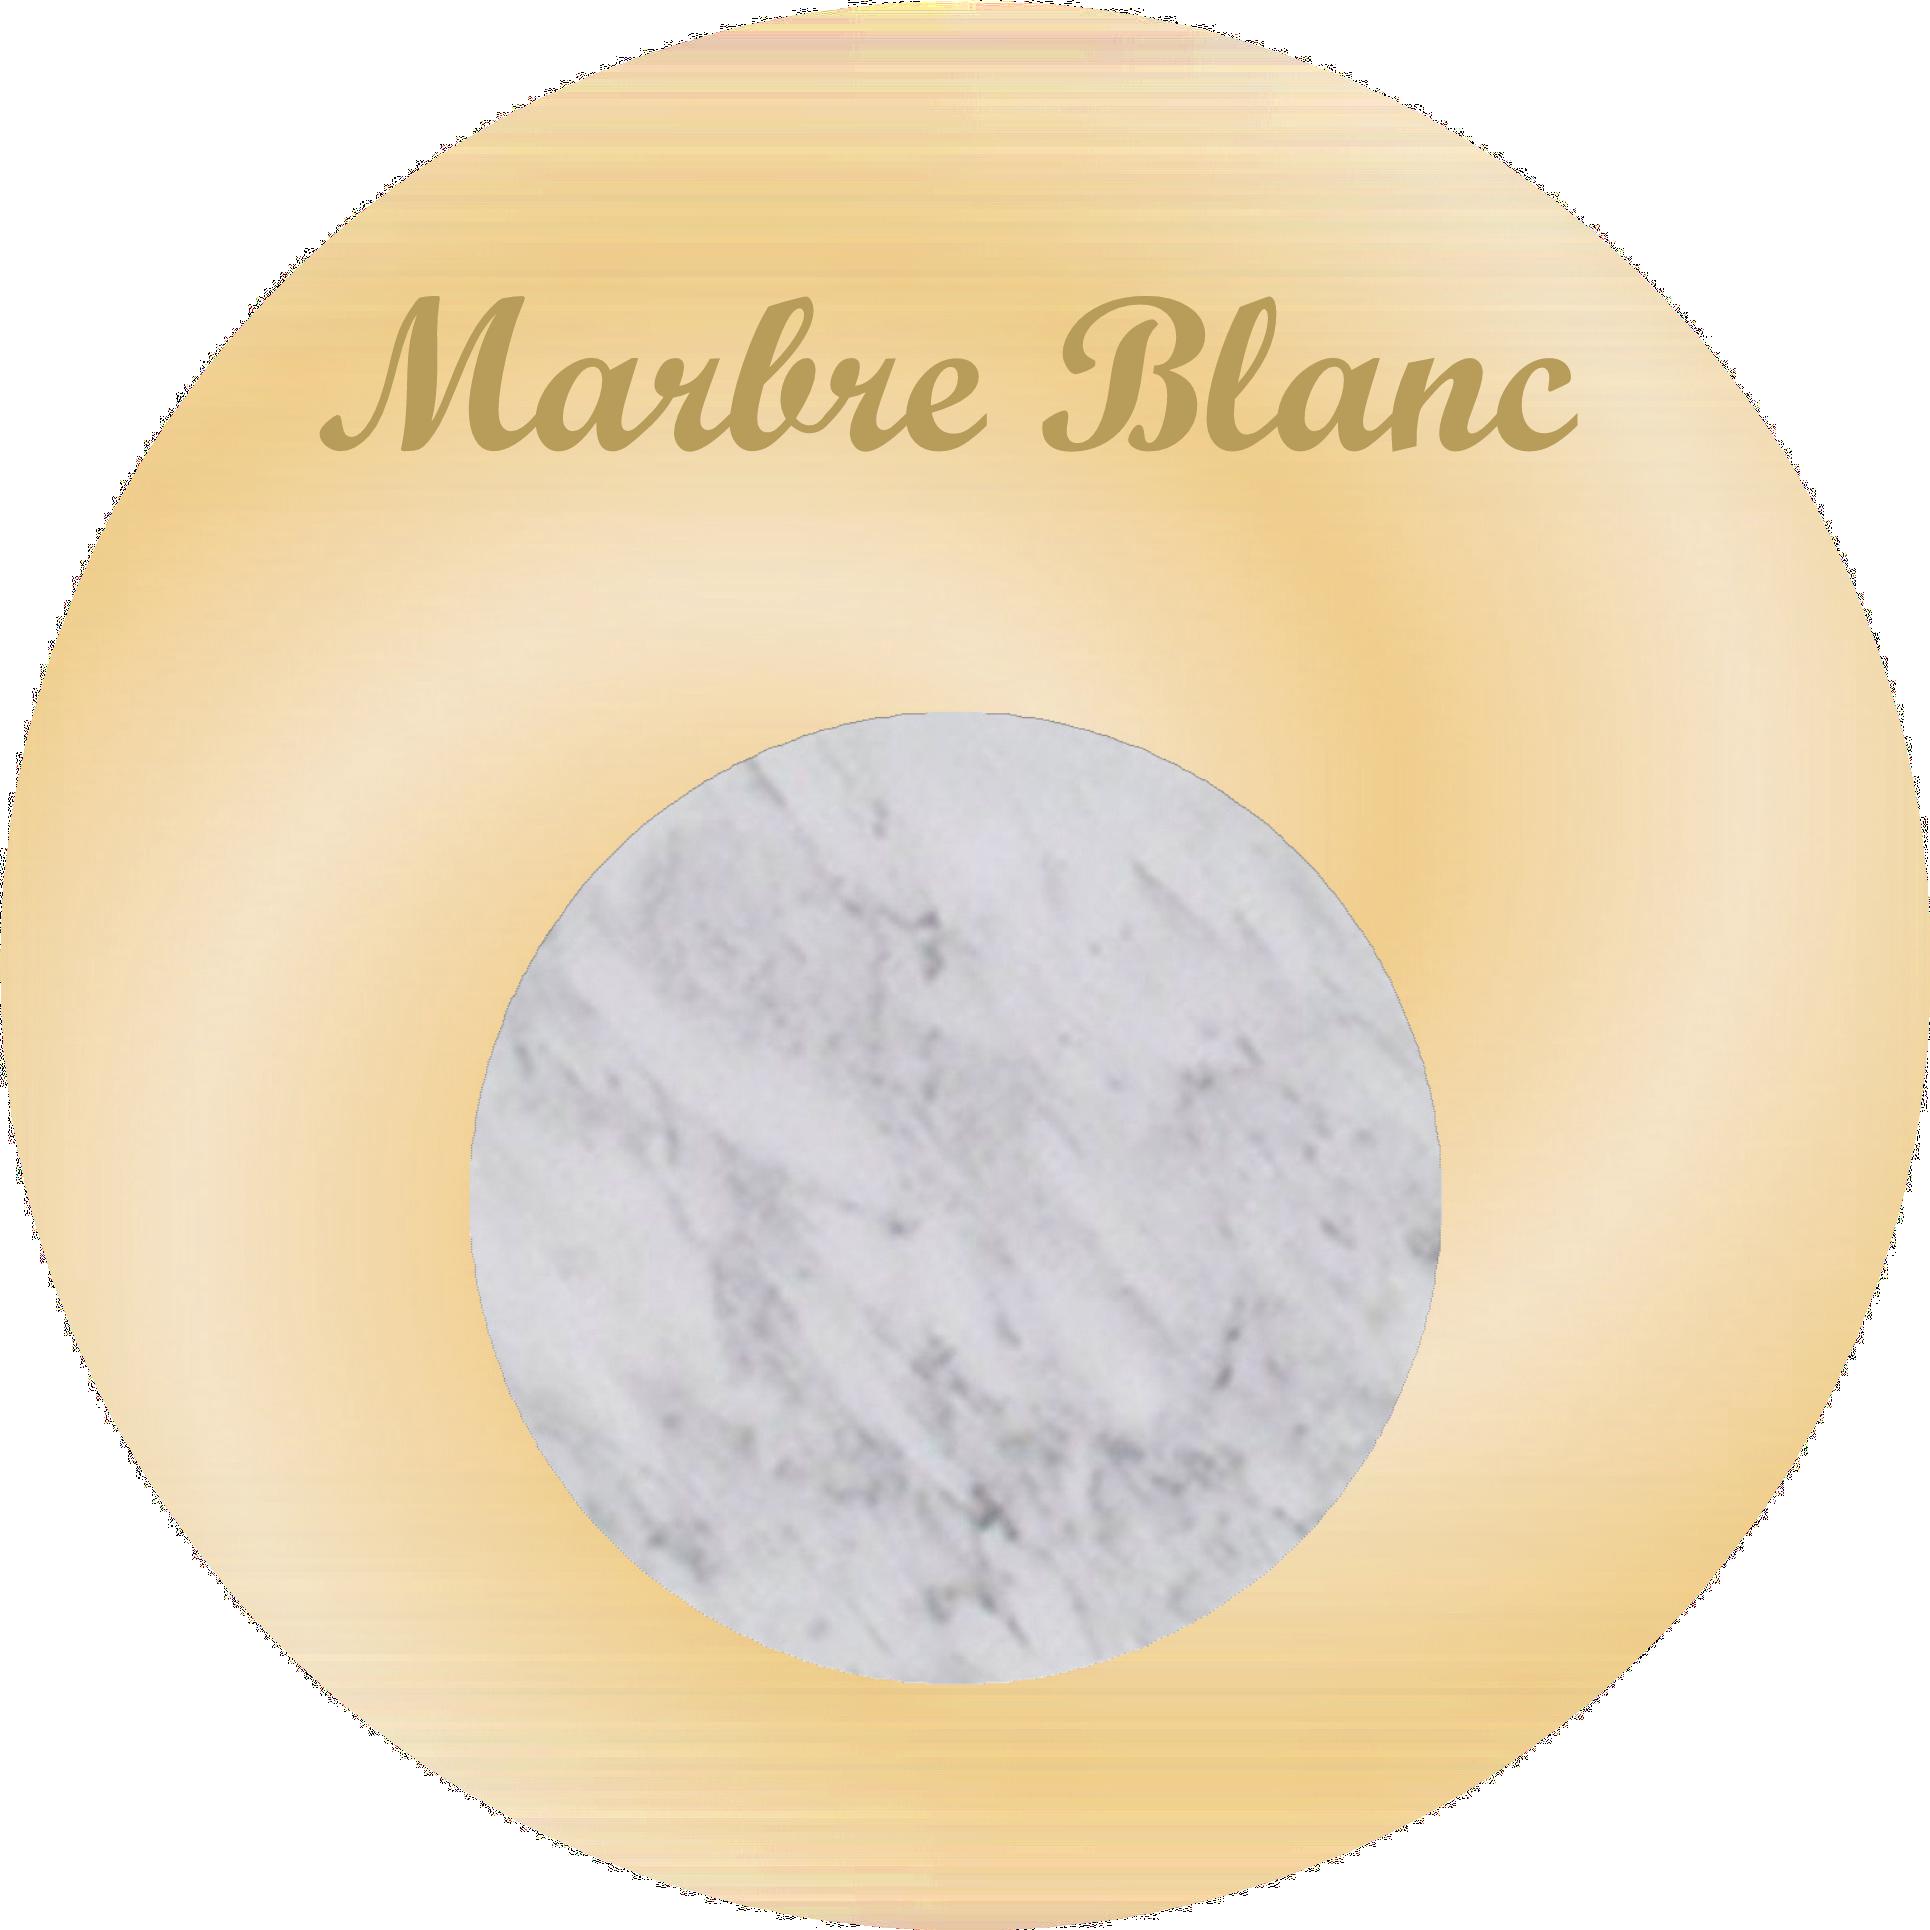 couleur marbre blanc pour plaques funeraires